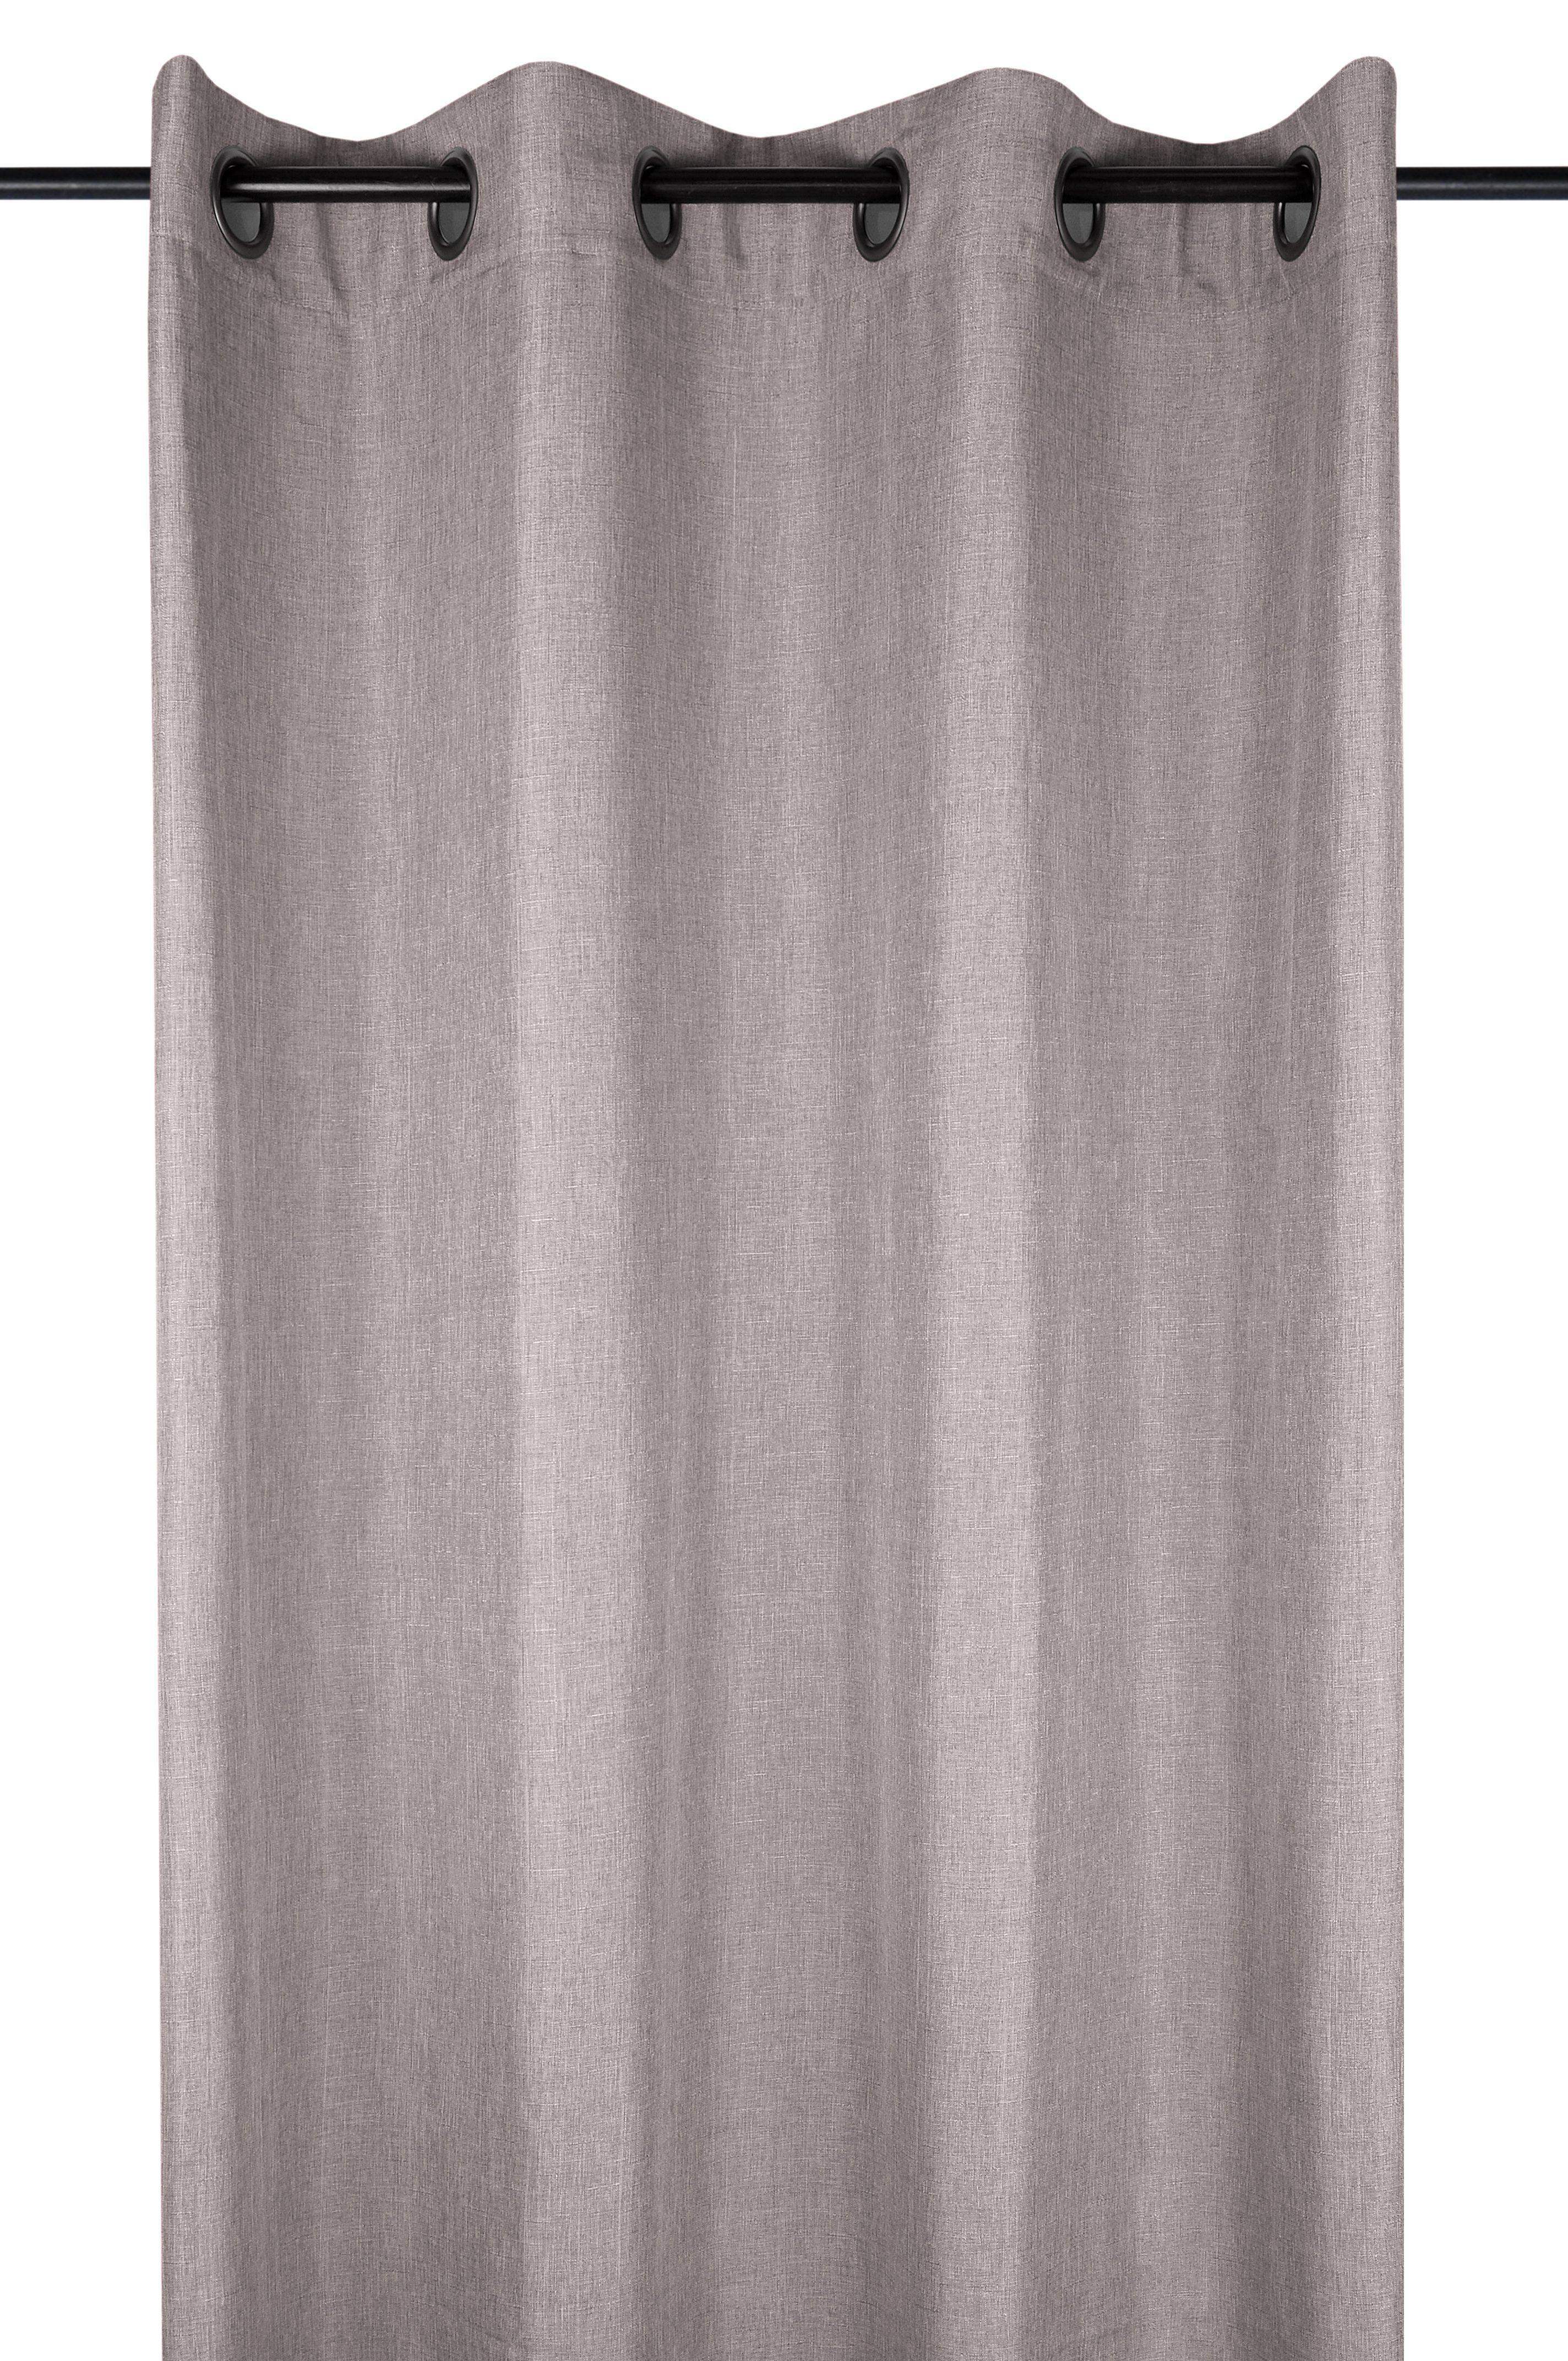 8f191901cde7cd Rideau uni couleur taupe 140x260cm à œillets BEA - Infos et Dimensions  Largeur   140 cm